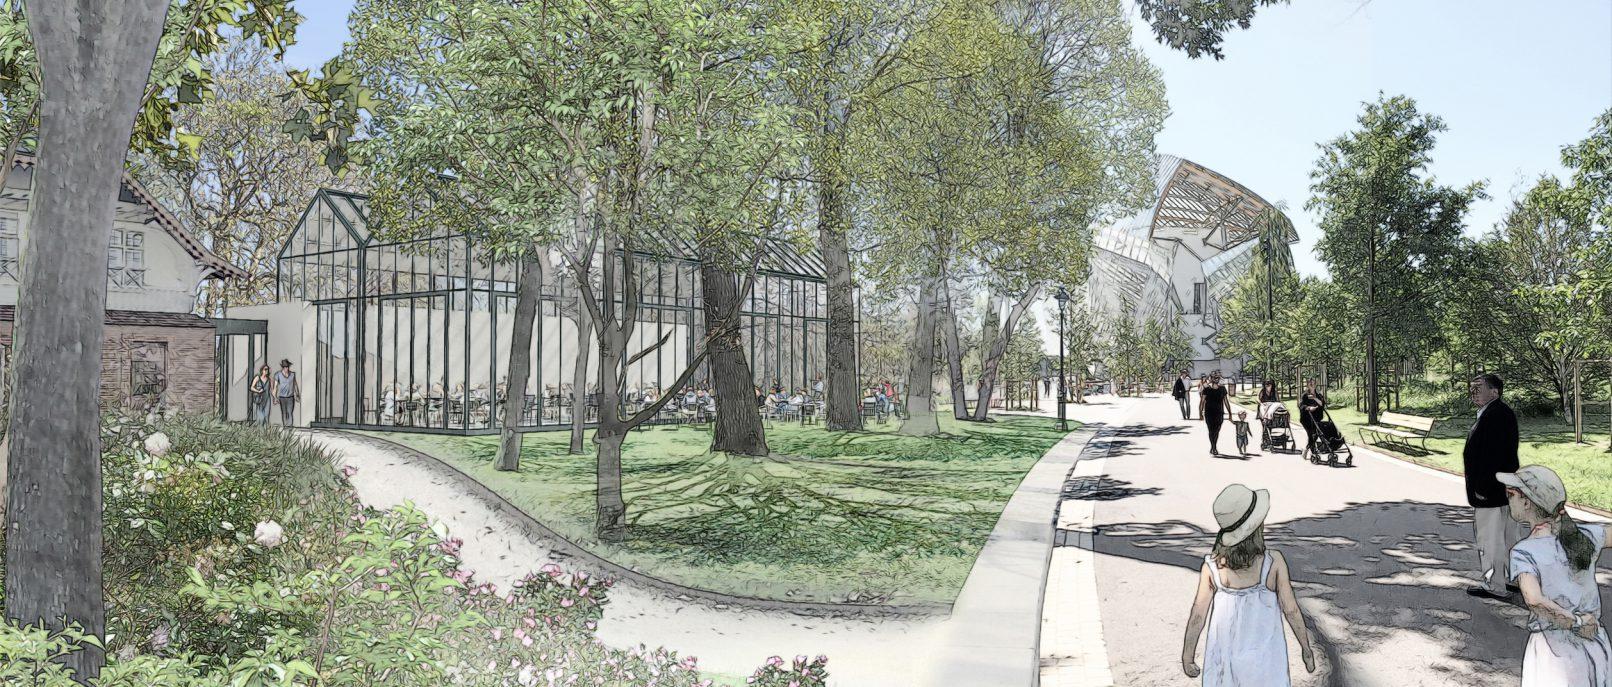 Projet de r novation au jardin d 39 acclimatation paris - Ateliers jardin d acclimatation ...